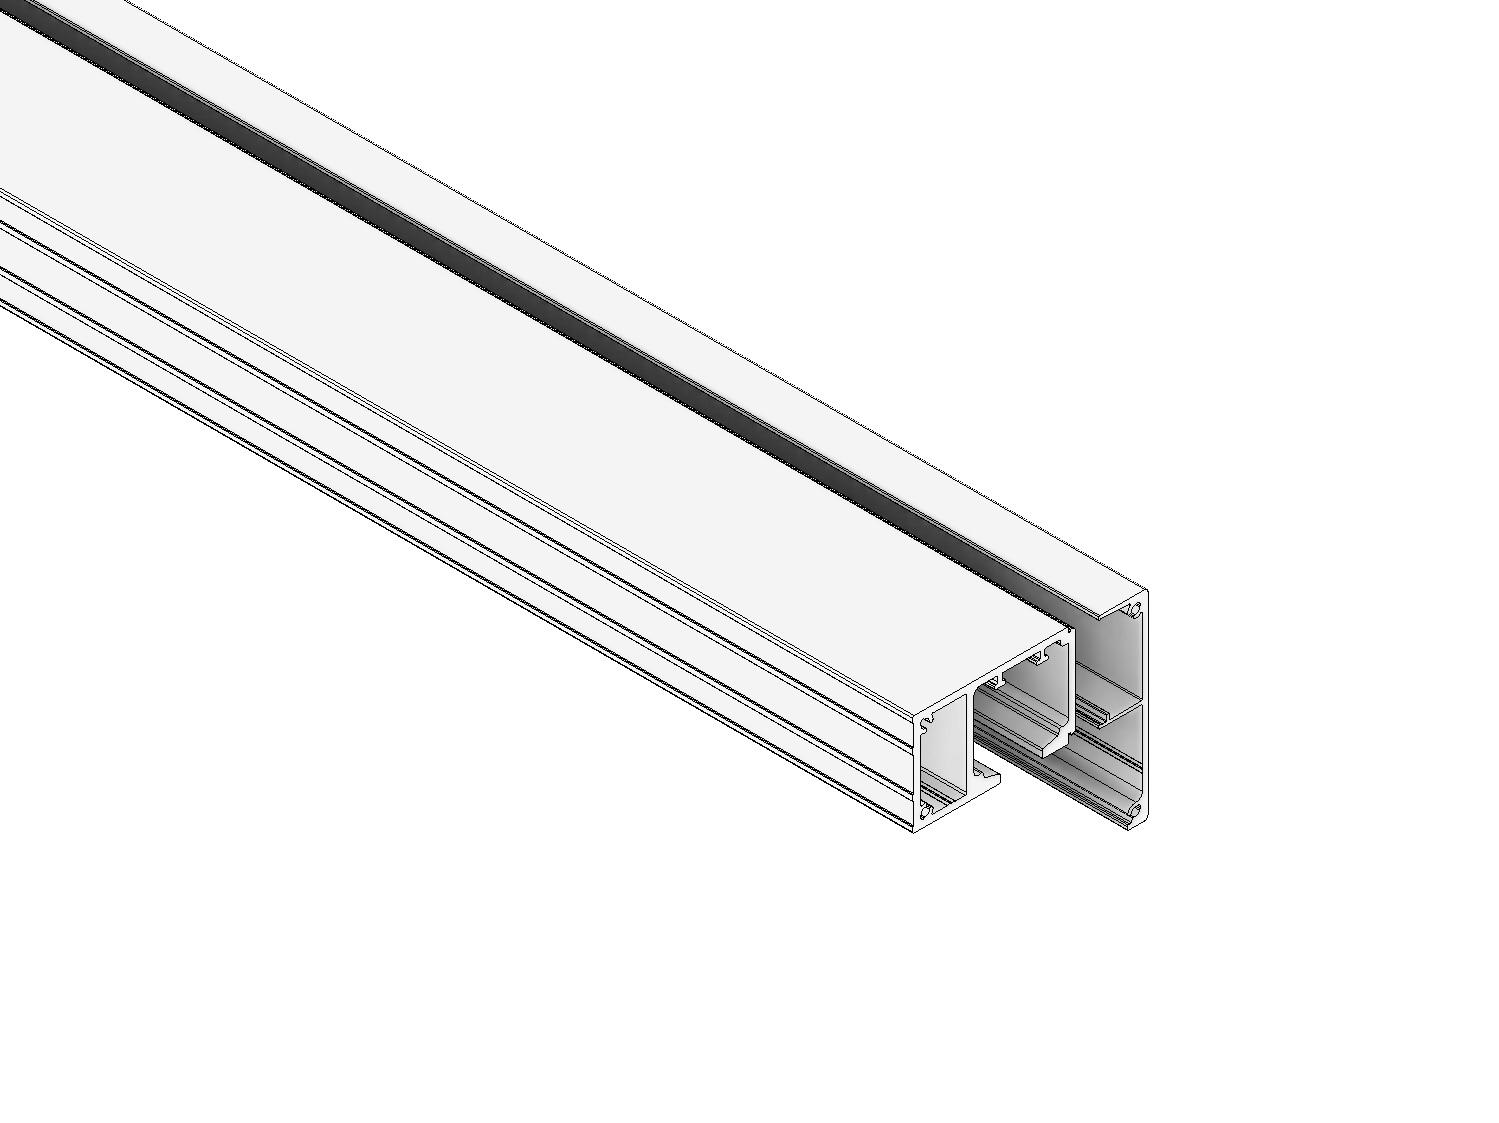 1-läufiges Schienen-Set 53 mm vdW. in Alu eloxiert (hängend)